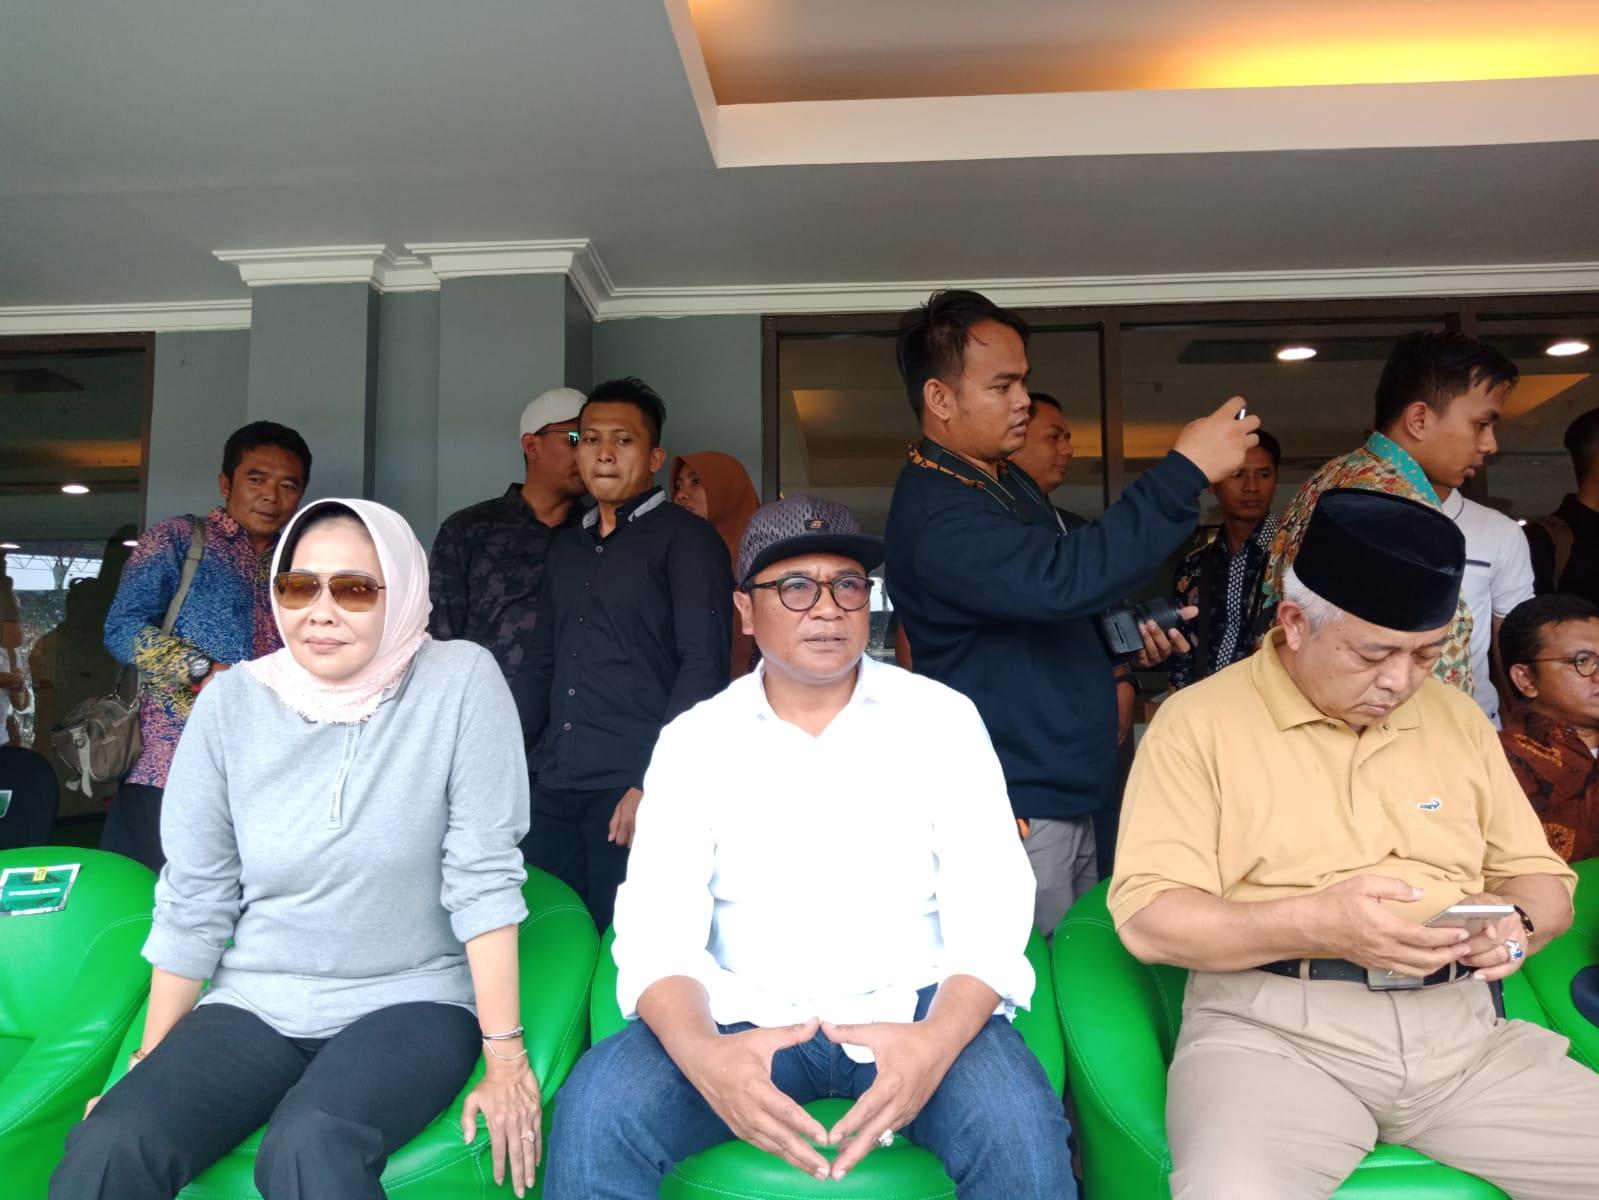 Sofyan Edy Jarwoko (kemeja putih) bersama Wali Kota Batu Dewanti Rumpoko (kiri) dan Wabup Malang Sanusi (kanan) ketika menyaksikan Arema FC berlaga melawan Persebaya di Gelora Bung Tomo, Surabaya. (istimewa)